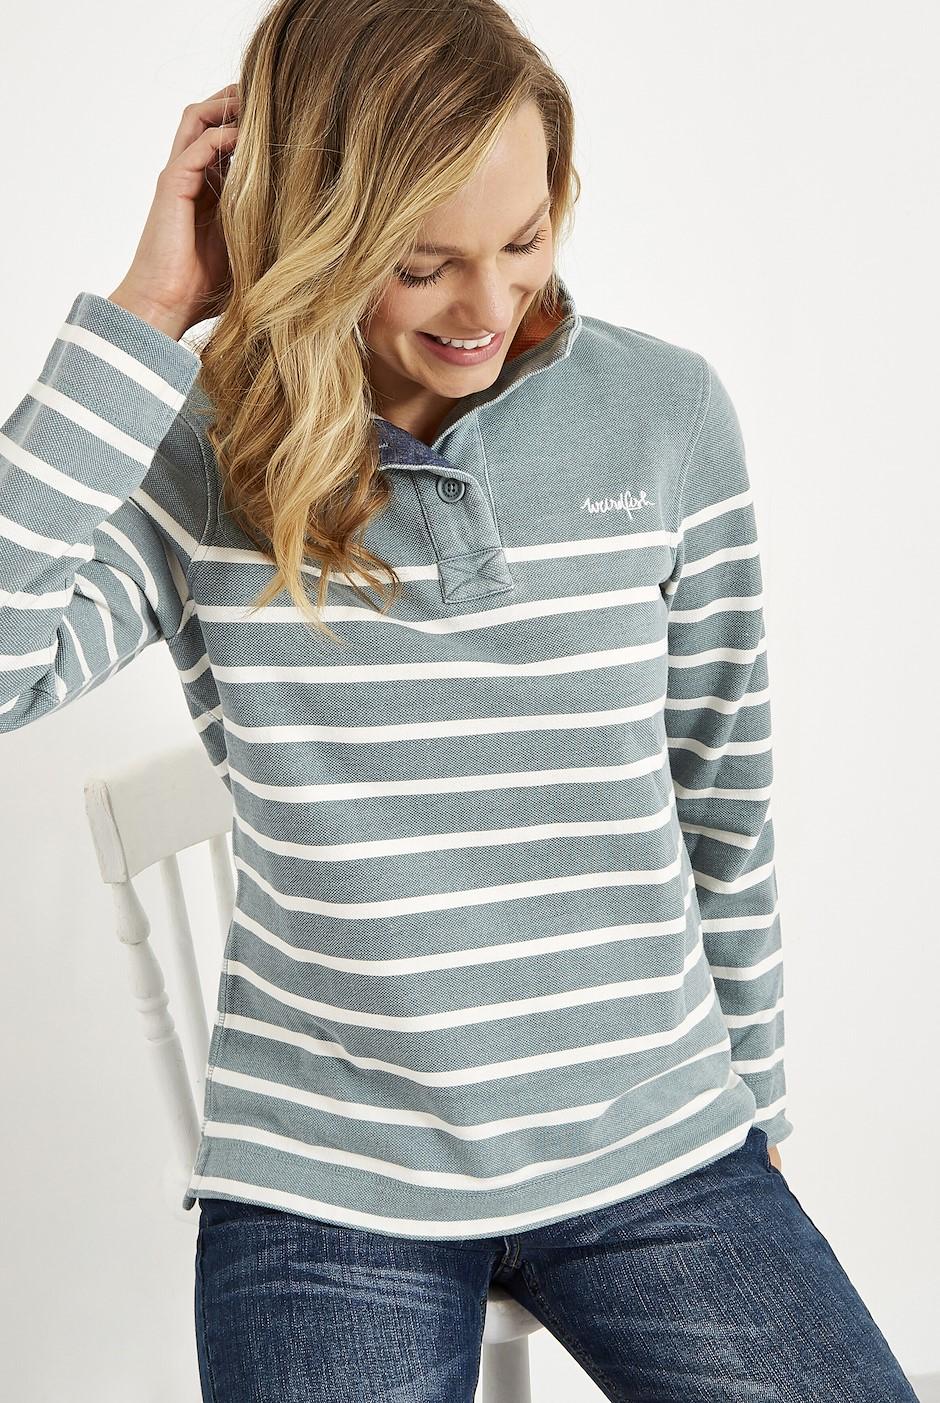 Hansley 1/4 Neck Striped Sweatshirt Arona